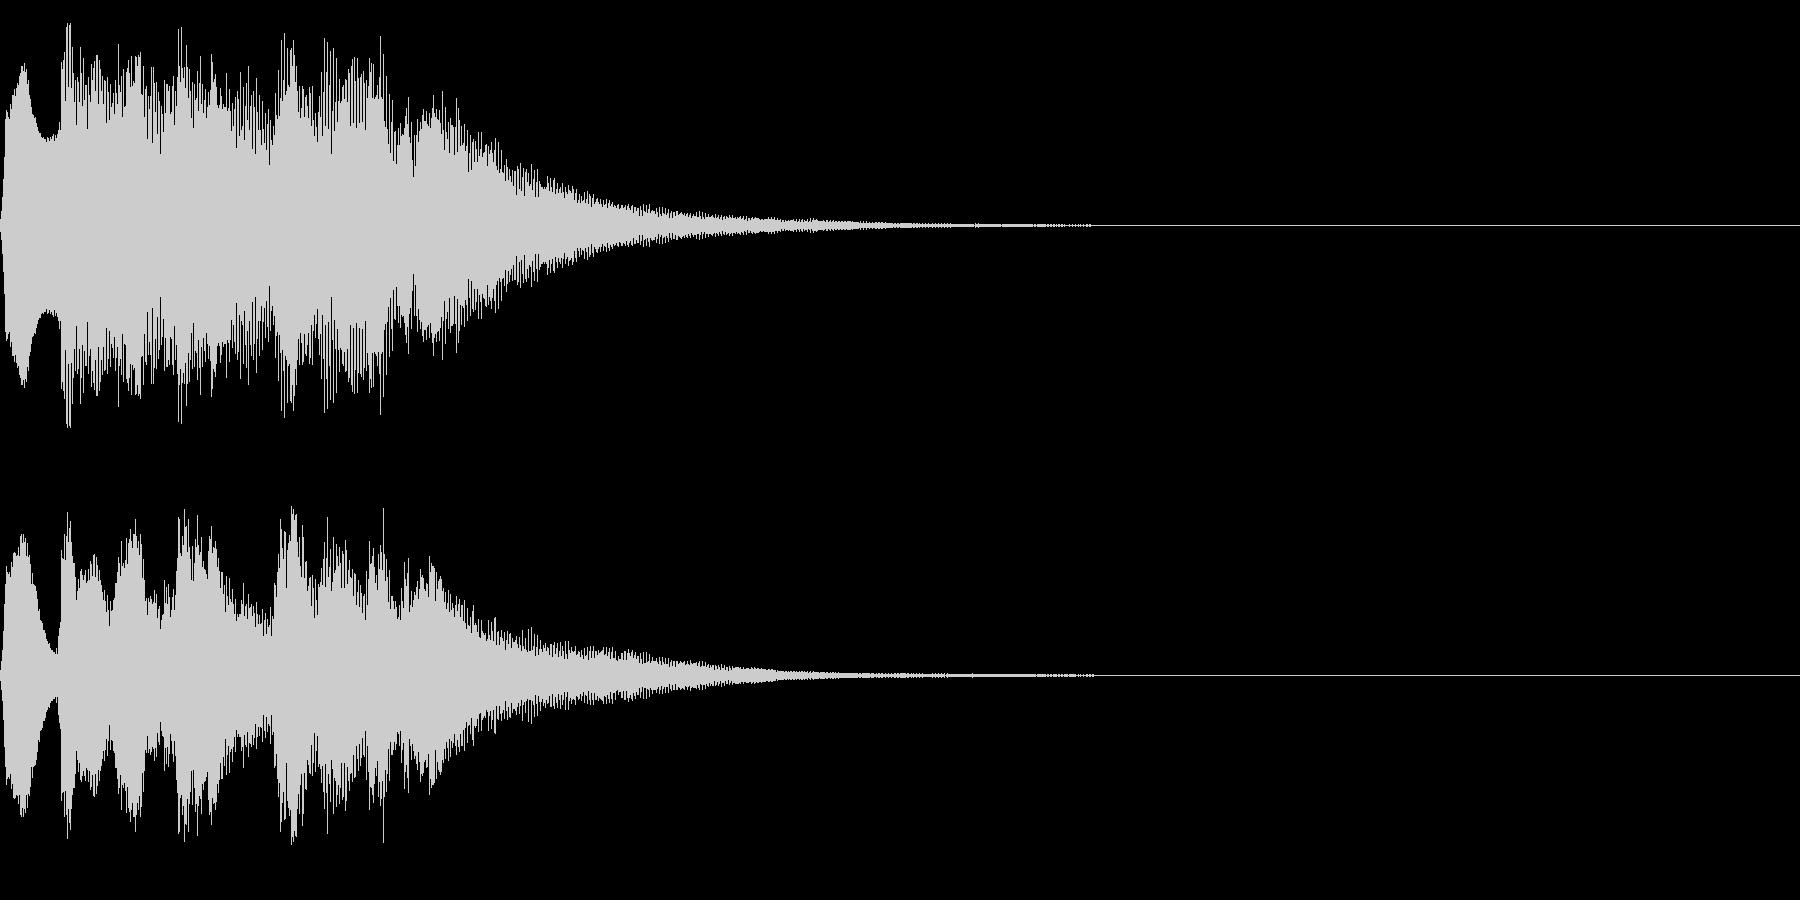 理科 化学 実験 変化 不思議 15の未再生の波形